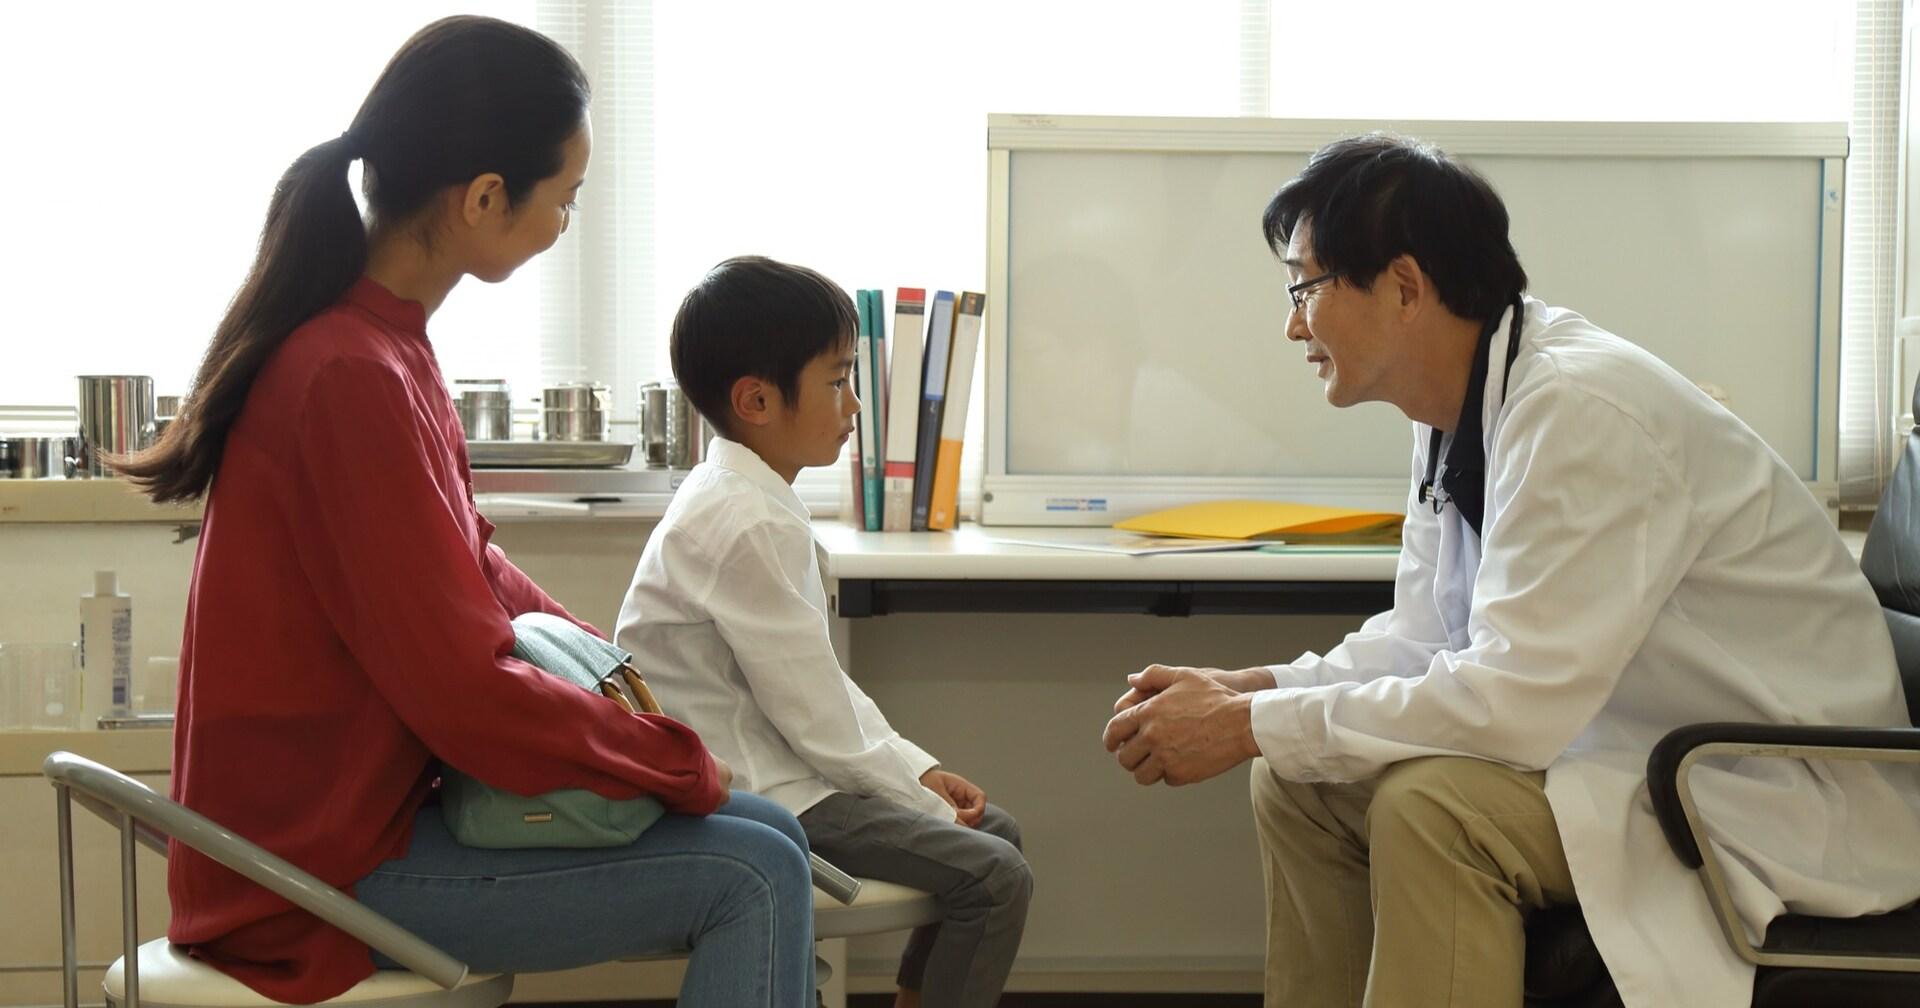 【注意喚起】「様子を見ましょう」と言われたら…子供の発達に関する相談で必ず質問すべき事項に納得の声